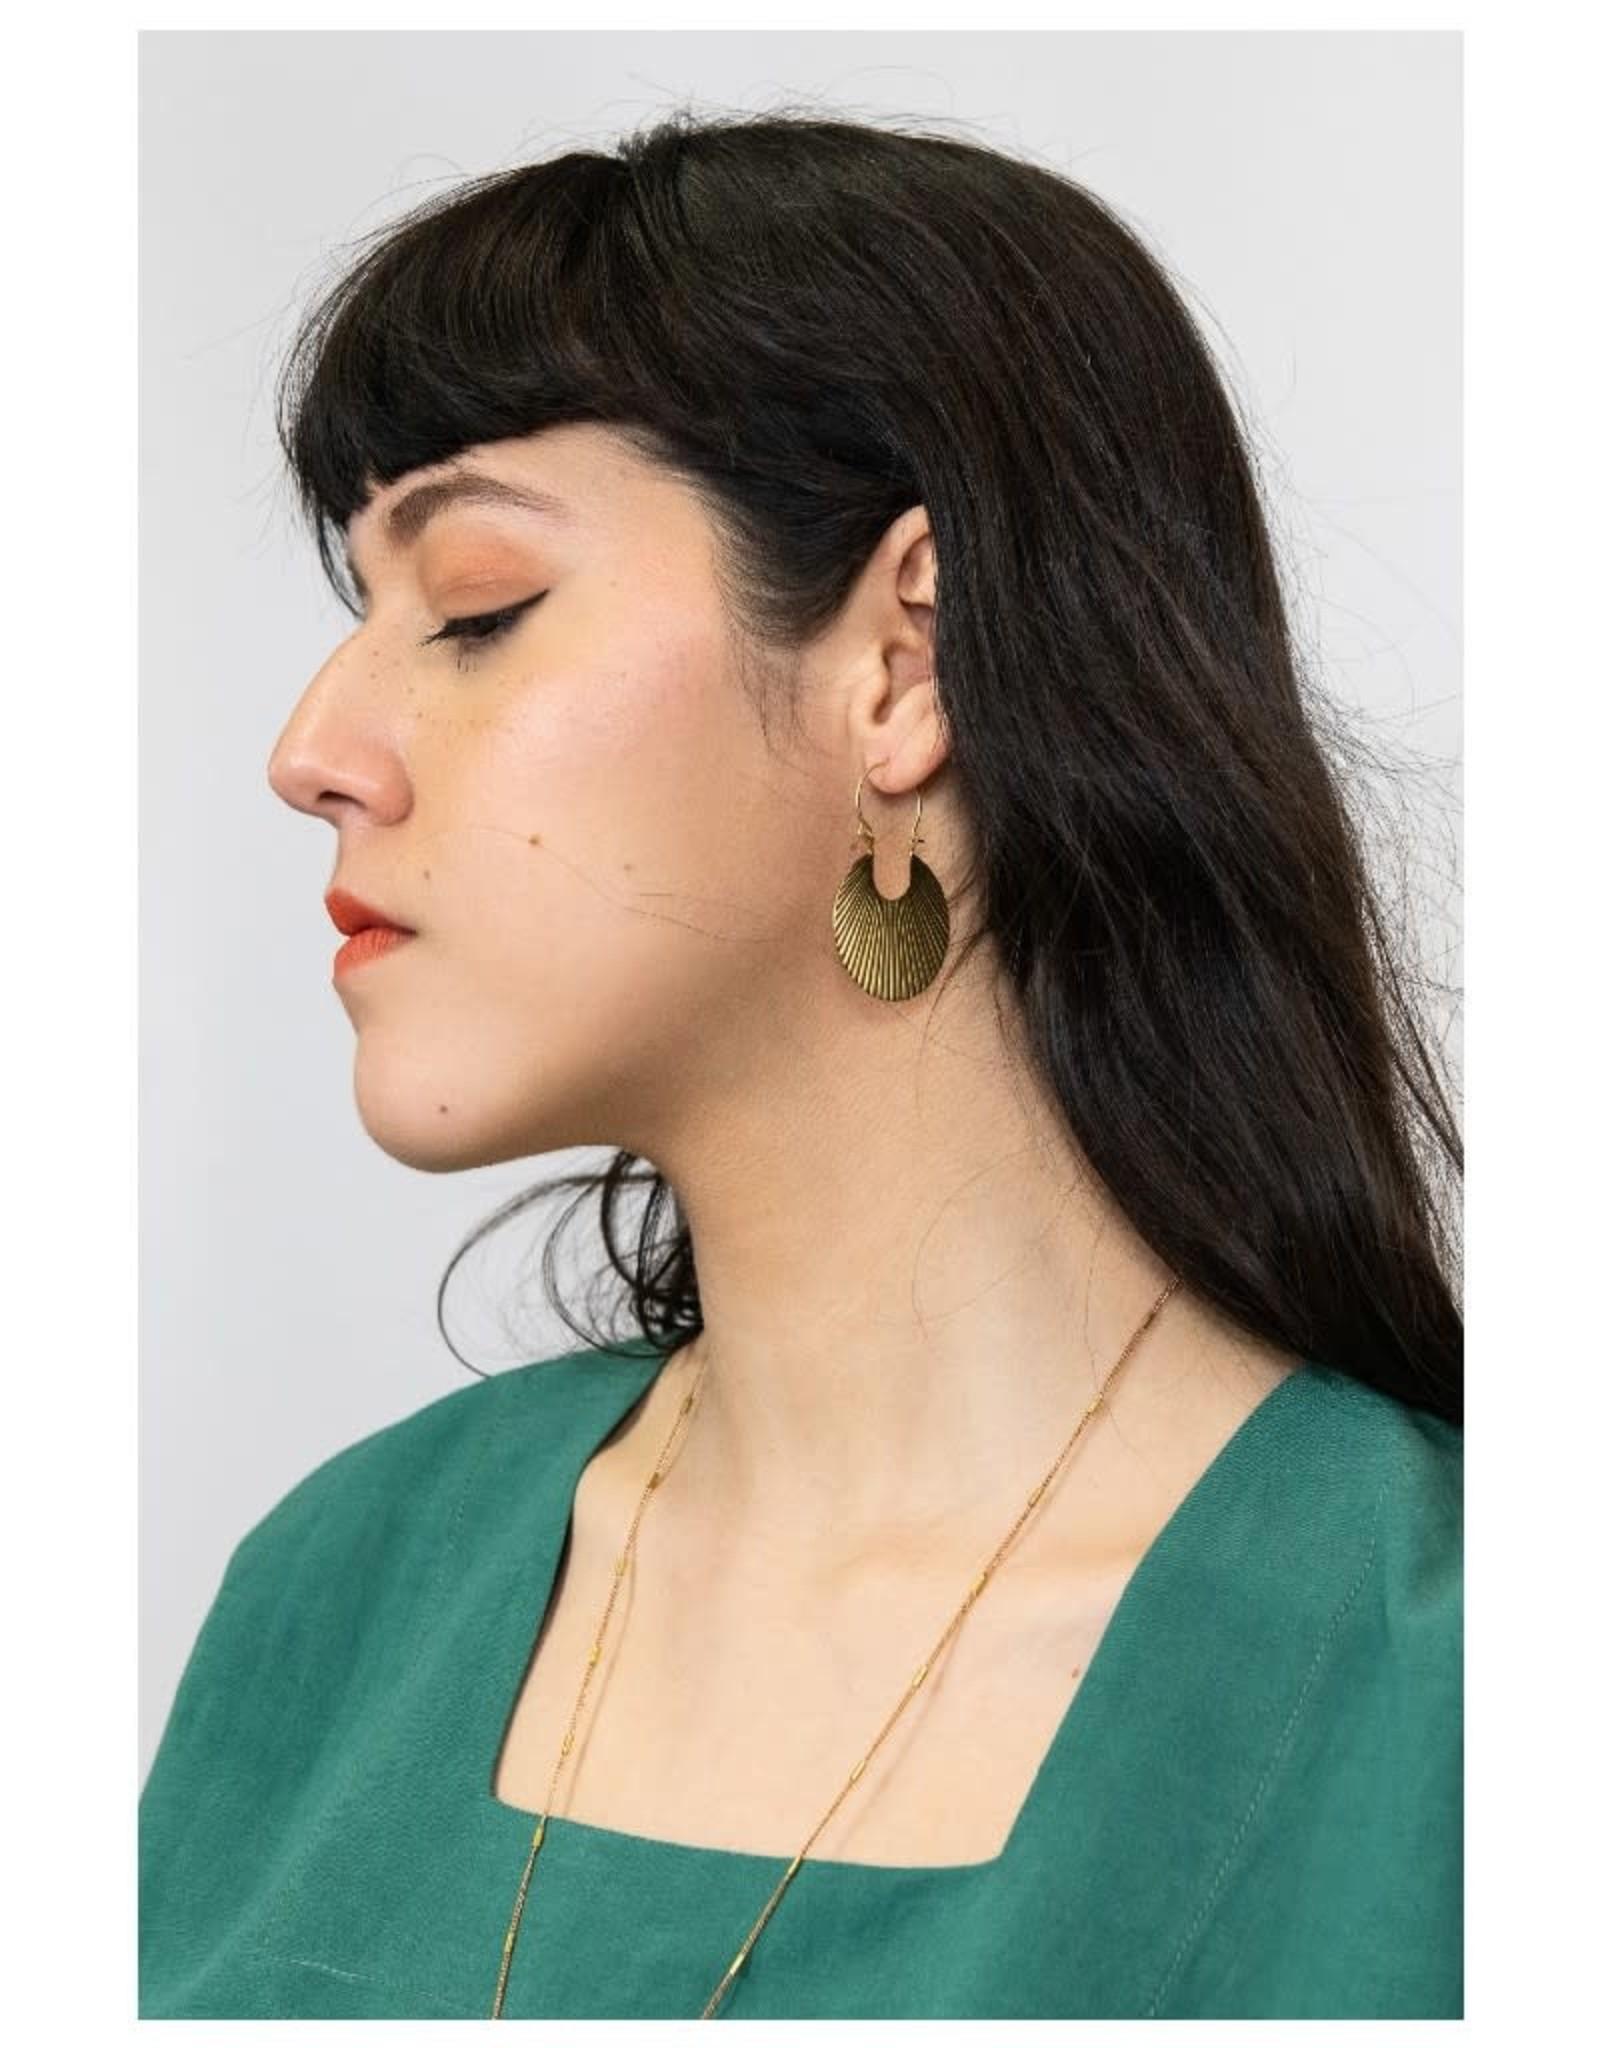 Kazak Boucles d'oreilles Ste-Apolline PE21 Kazak